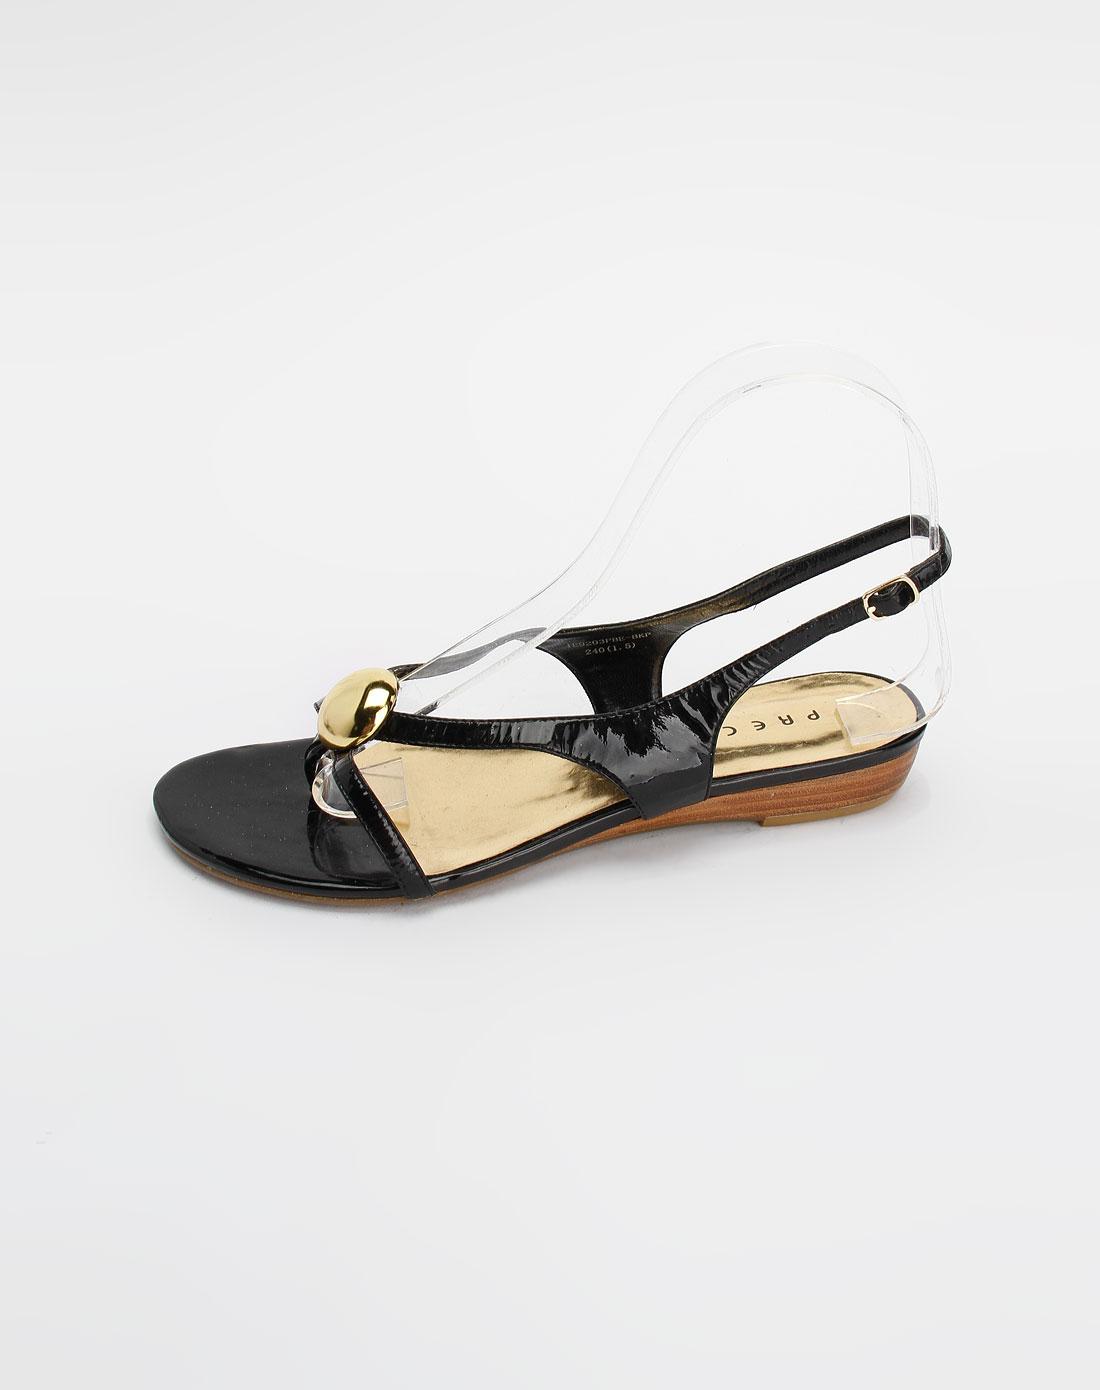 黑/金色休闲凉鞋_安玛莉precis官网特价1.1-4.5折